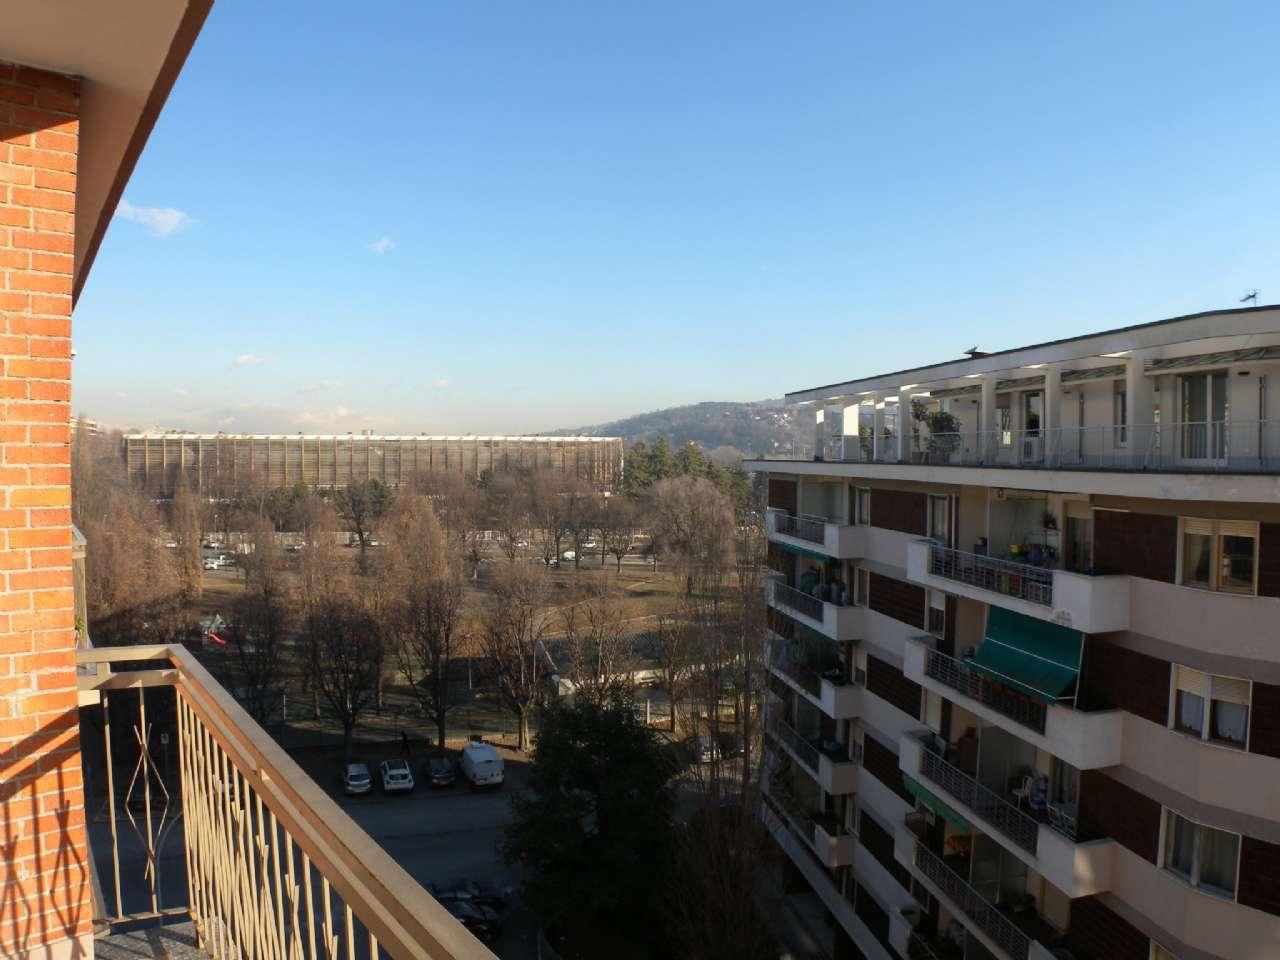 Appartamento in affitto a Moncalieri, 2 locali, zona Località: Moncalieri, prezzo € 490 | CambioCasa.it